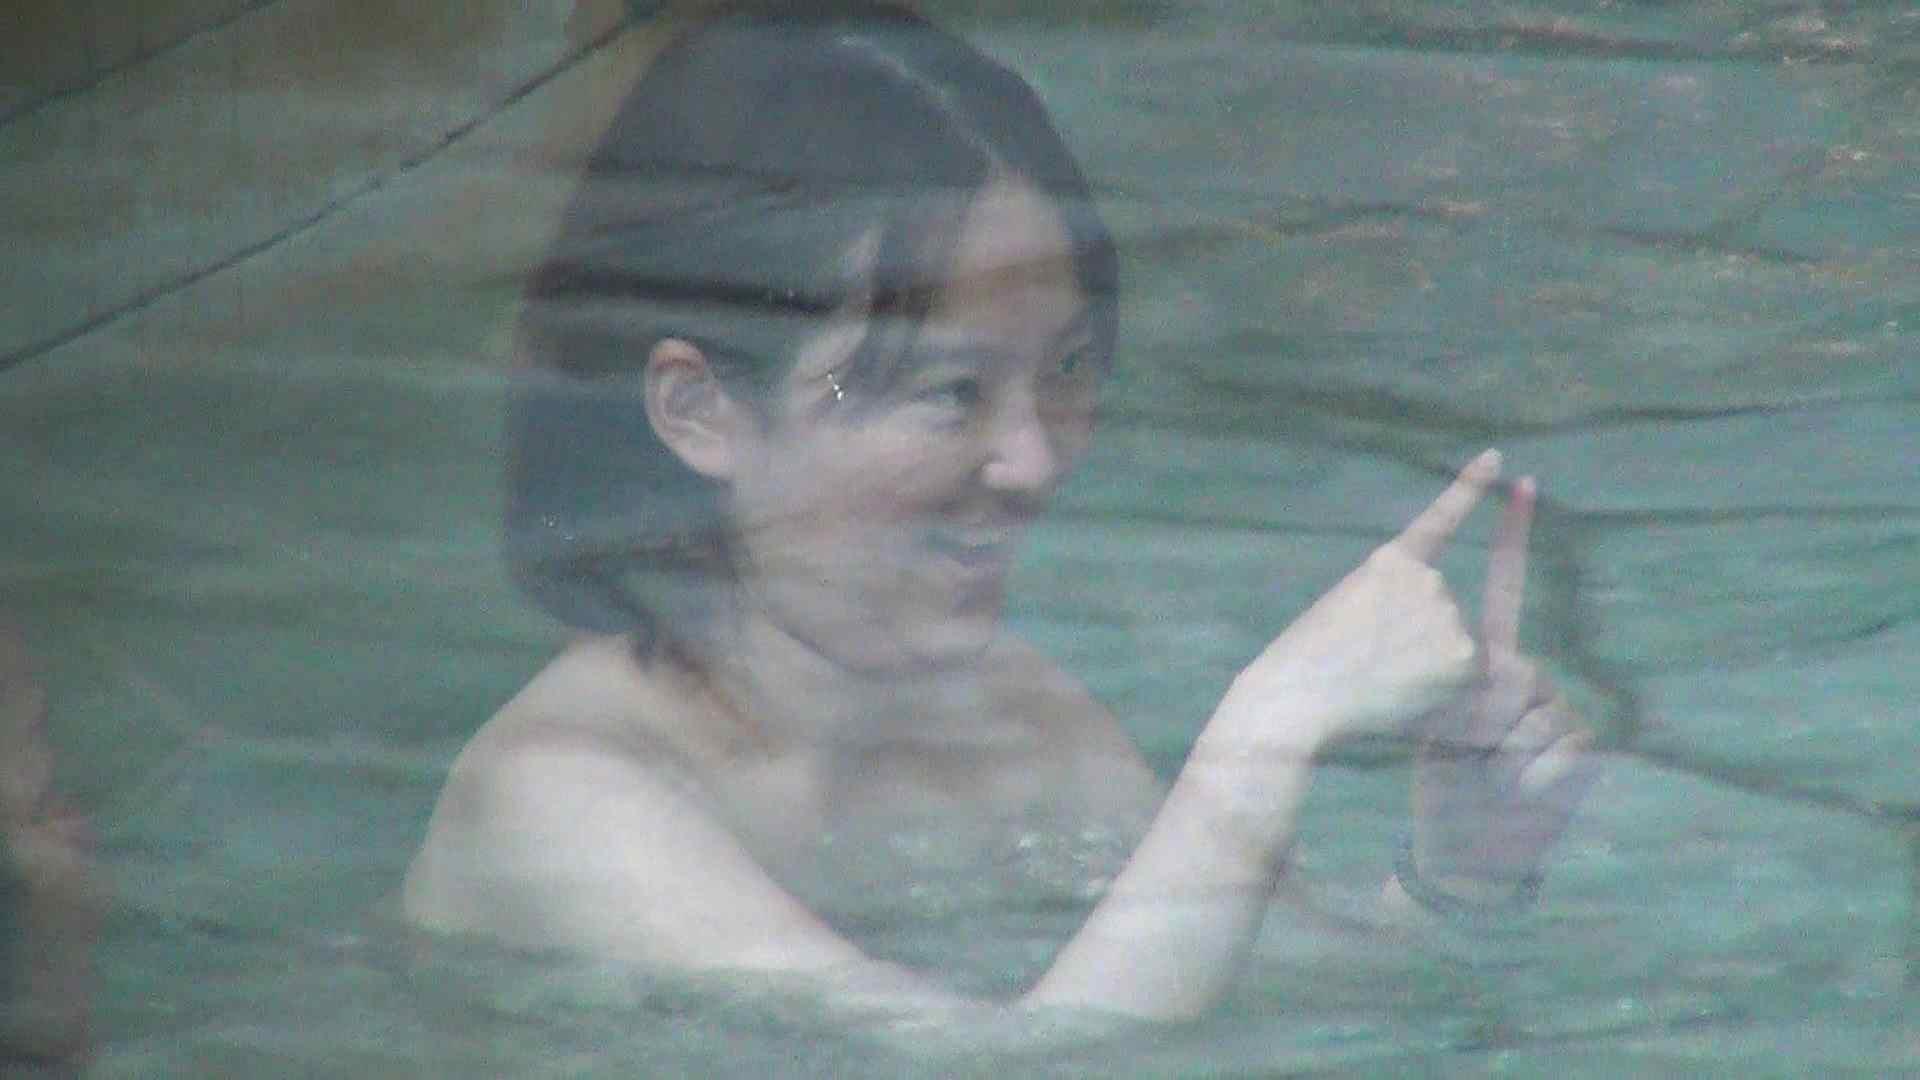 Aquaな露天風呂Vol.297 OLエロ画像  99PICs 84